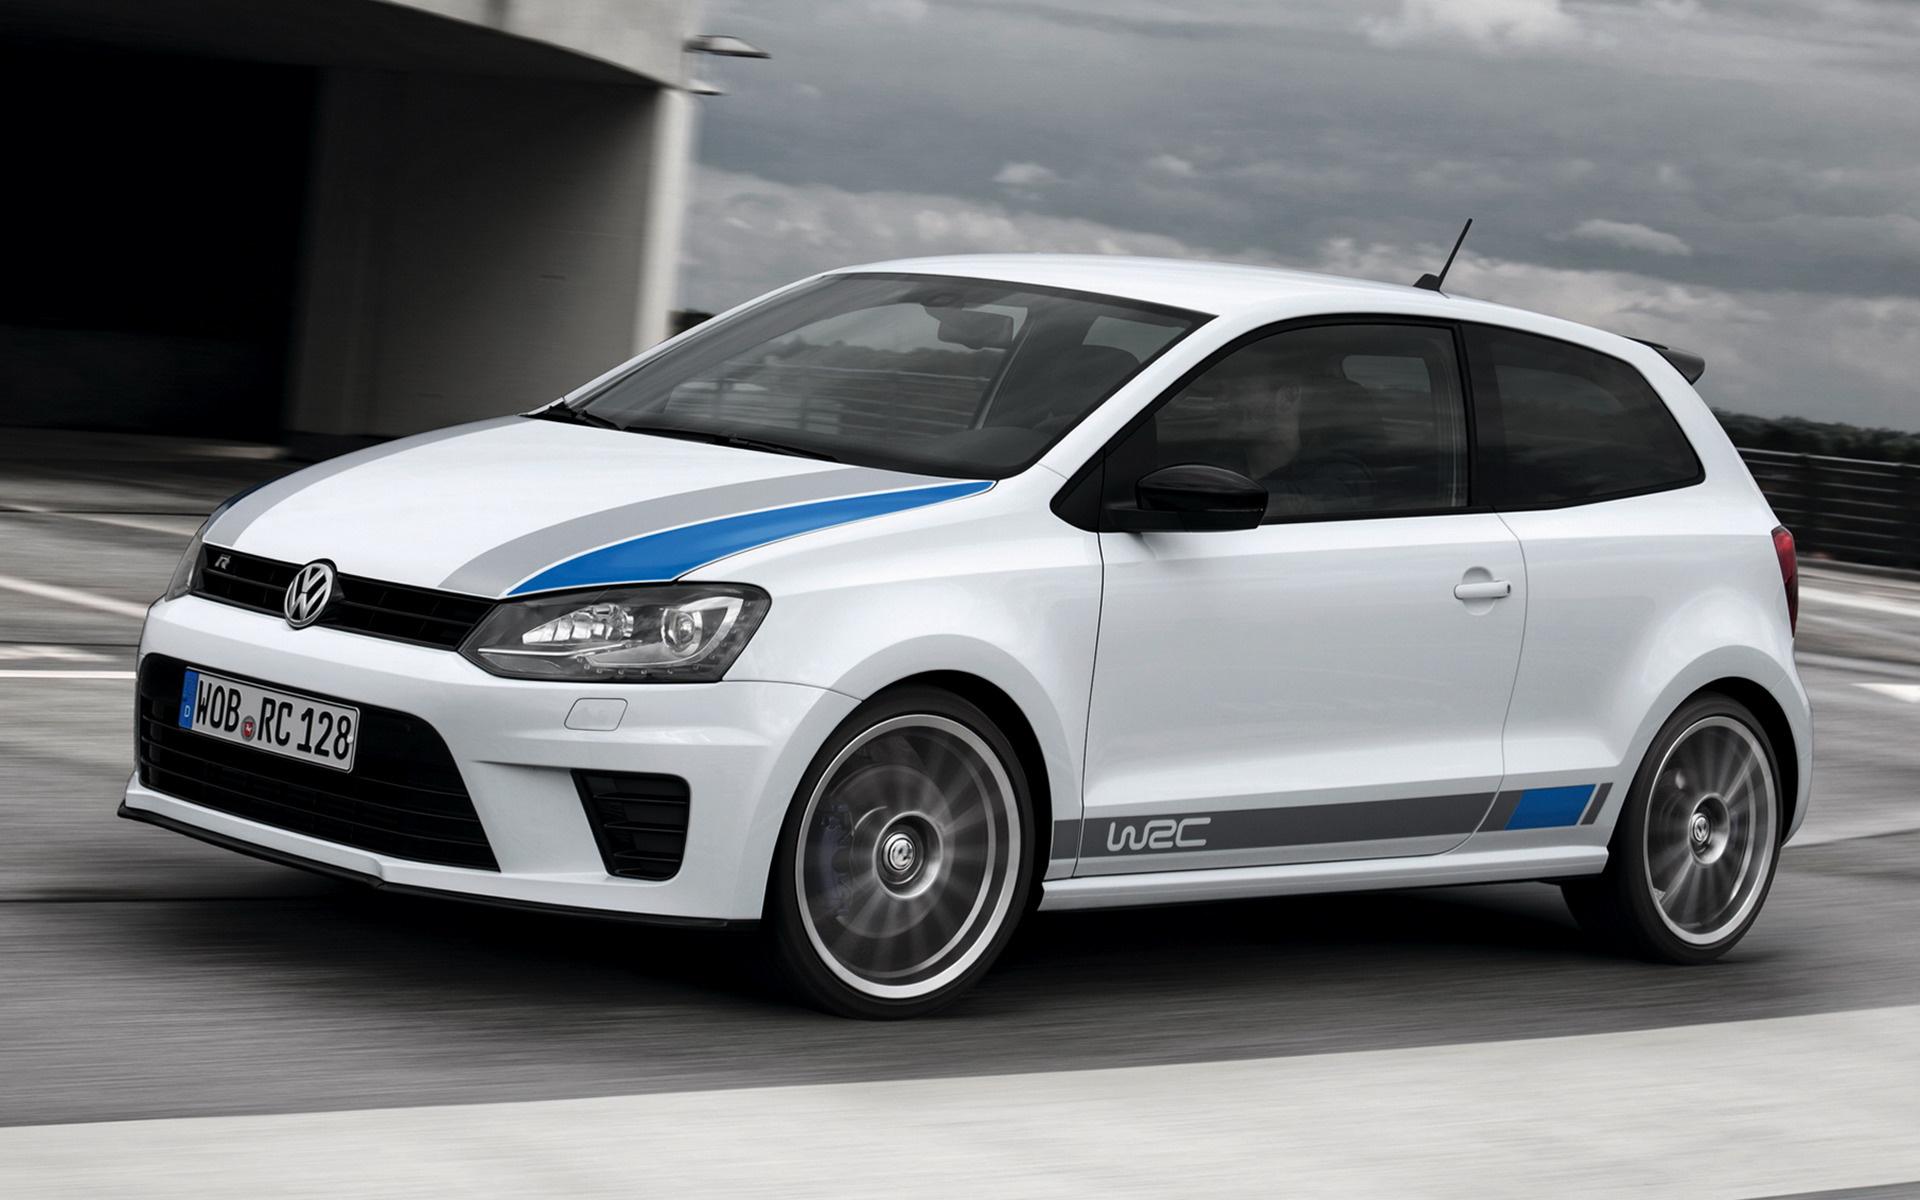 Volkswagen Polo R WRC Street 3 door 2013 Wallpapers and HD Images